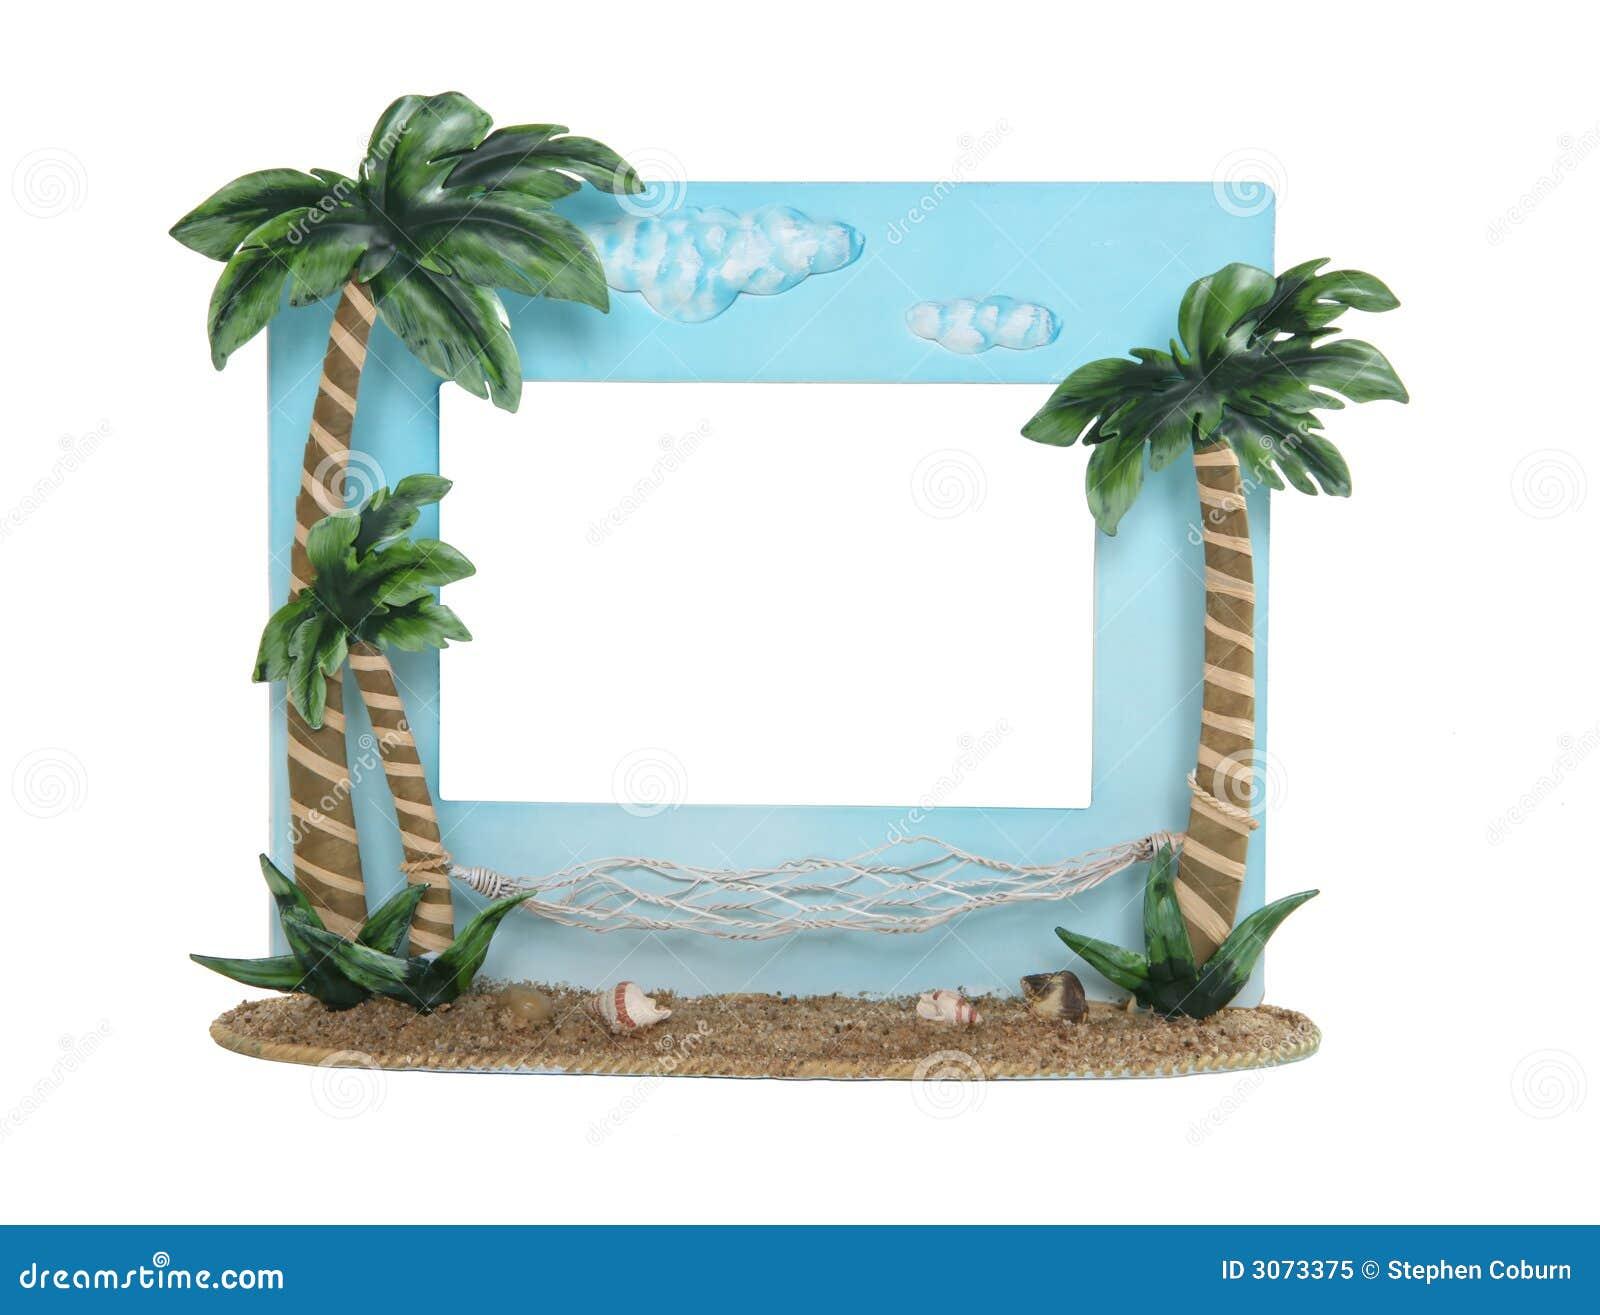 Cadre de tableau tropical photo libre de droits image for Image de cadre de tableau